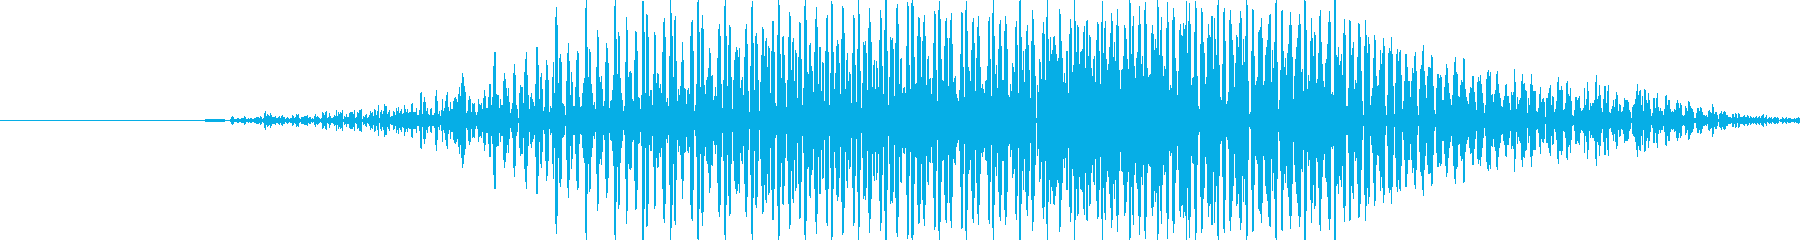 はい!の再生済みの波形